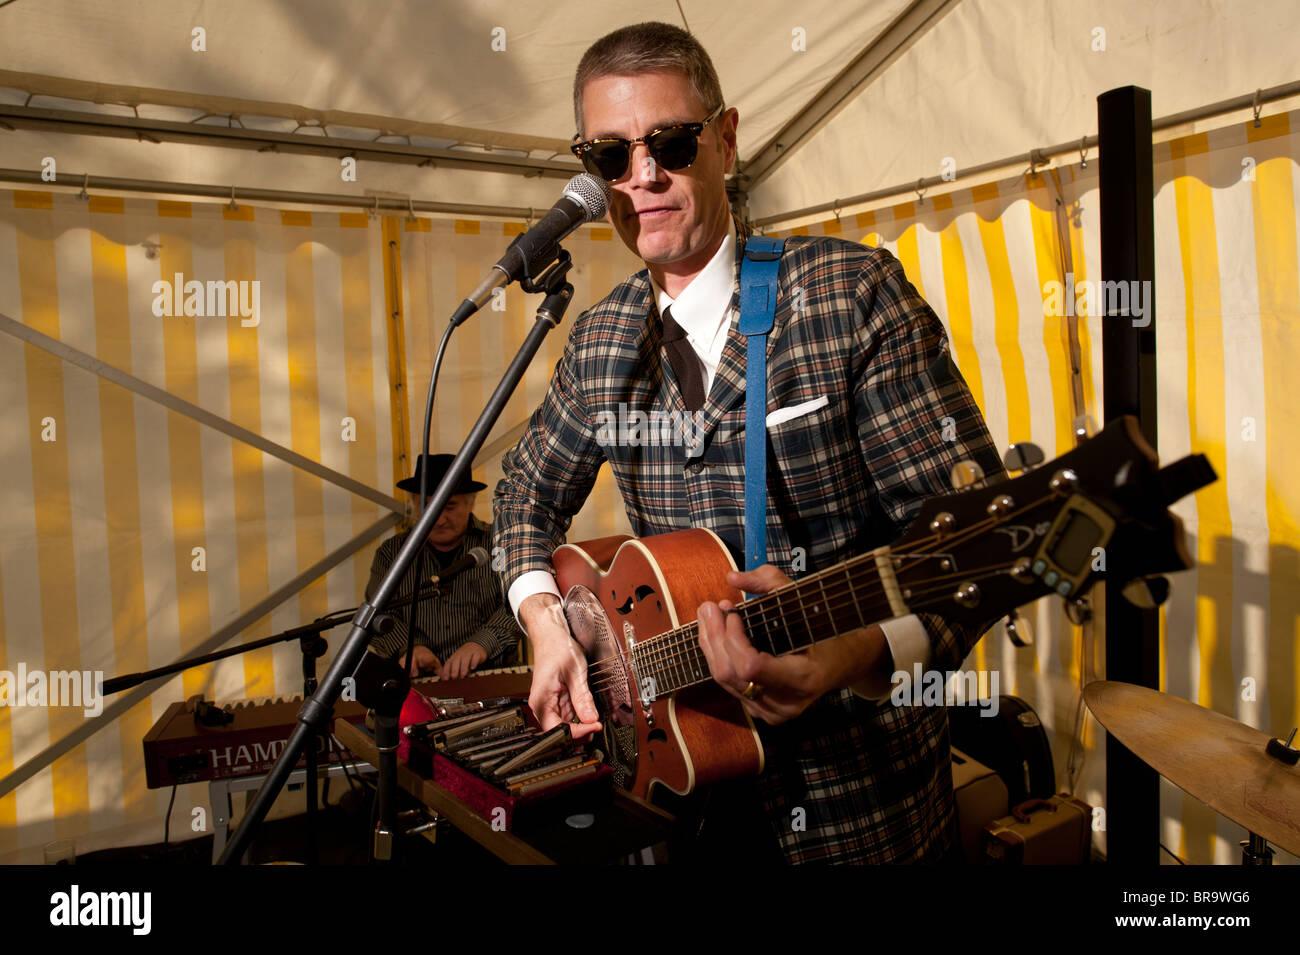 Un homme portant des lunettes de lecture d'une guitare acoustique semi dans un groupe, UK Photo Stock